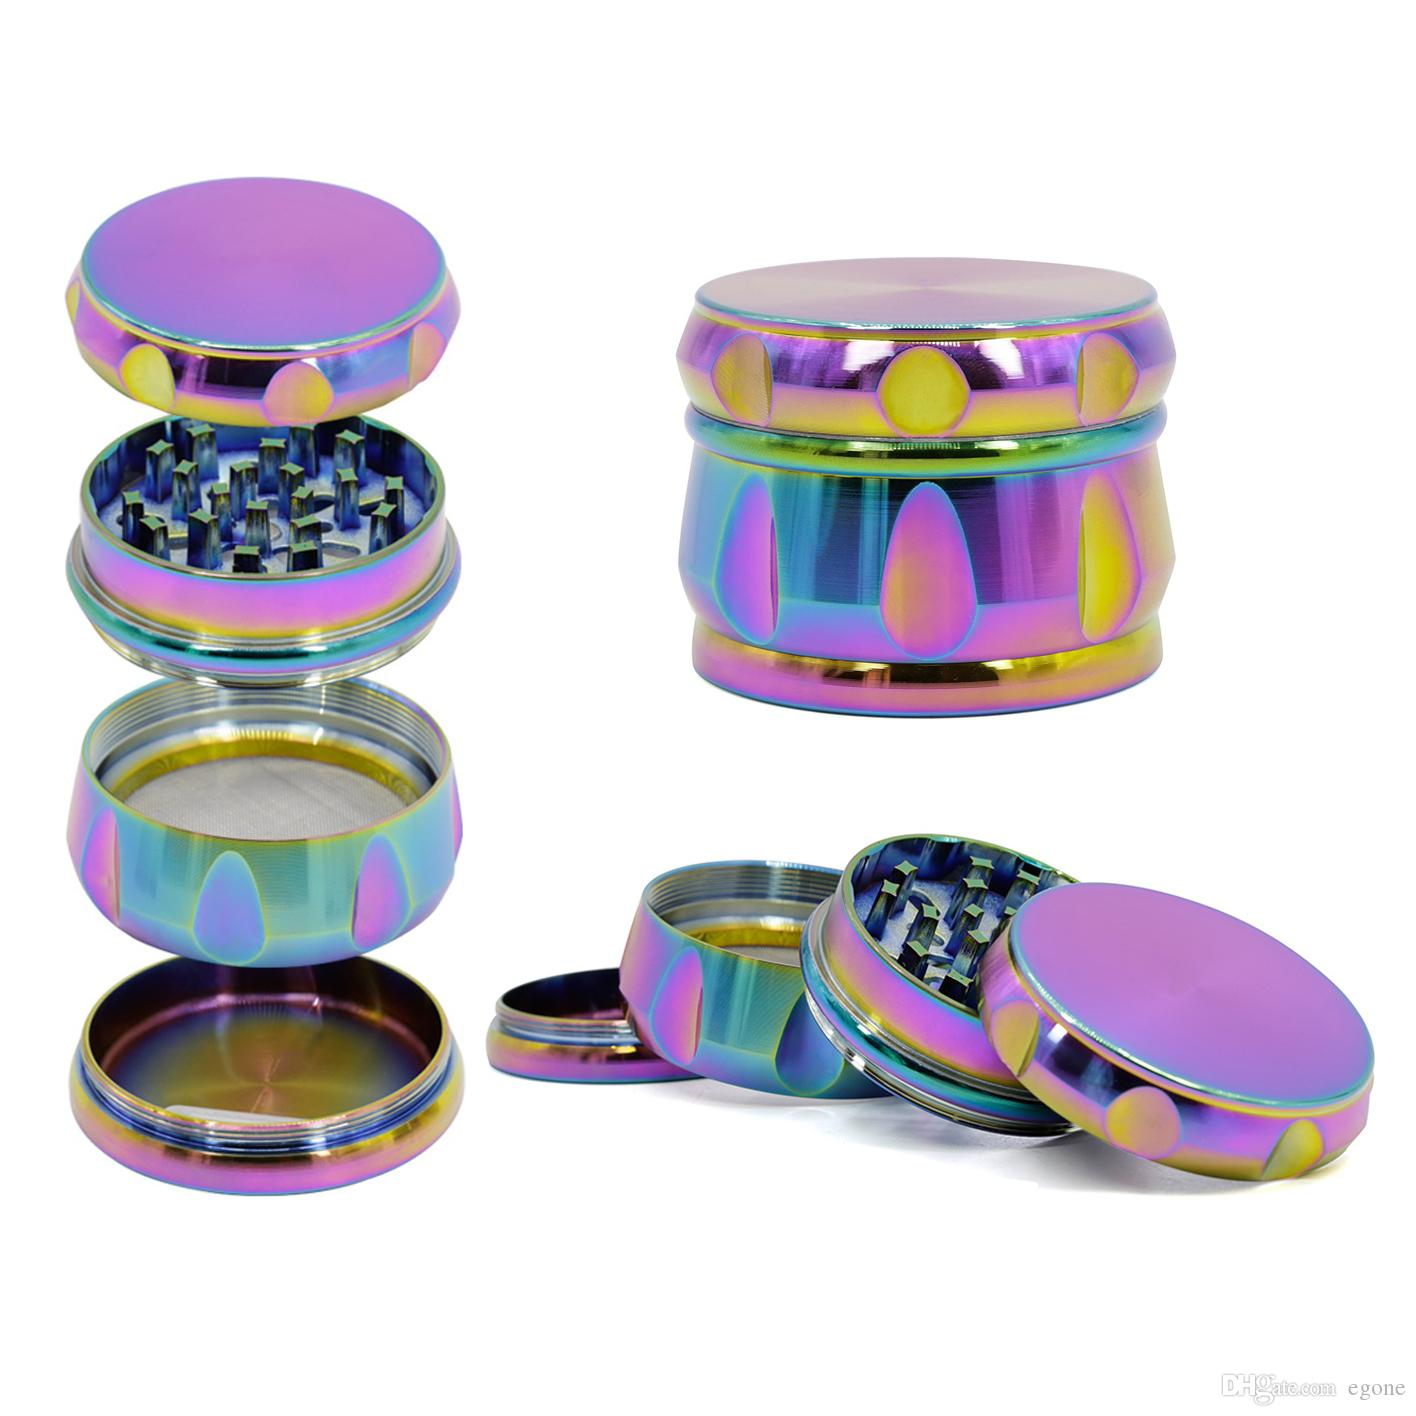 Smerigliatrici per tamburi Rainbow 63mm Smerigliatrice per metalli 4 Strati Herb Spice Crusher Materiale in lega di zinco Diamond Shape Grinder